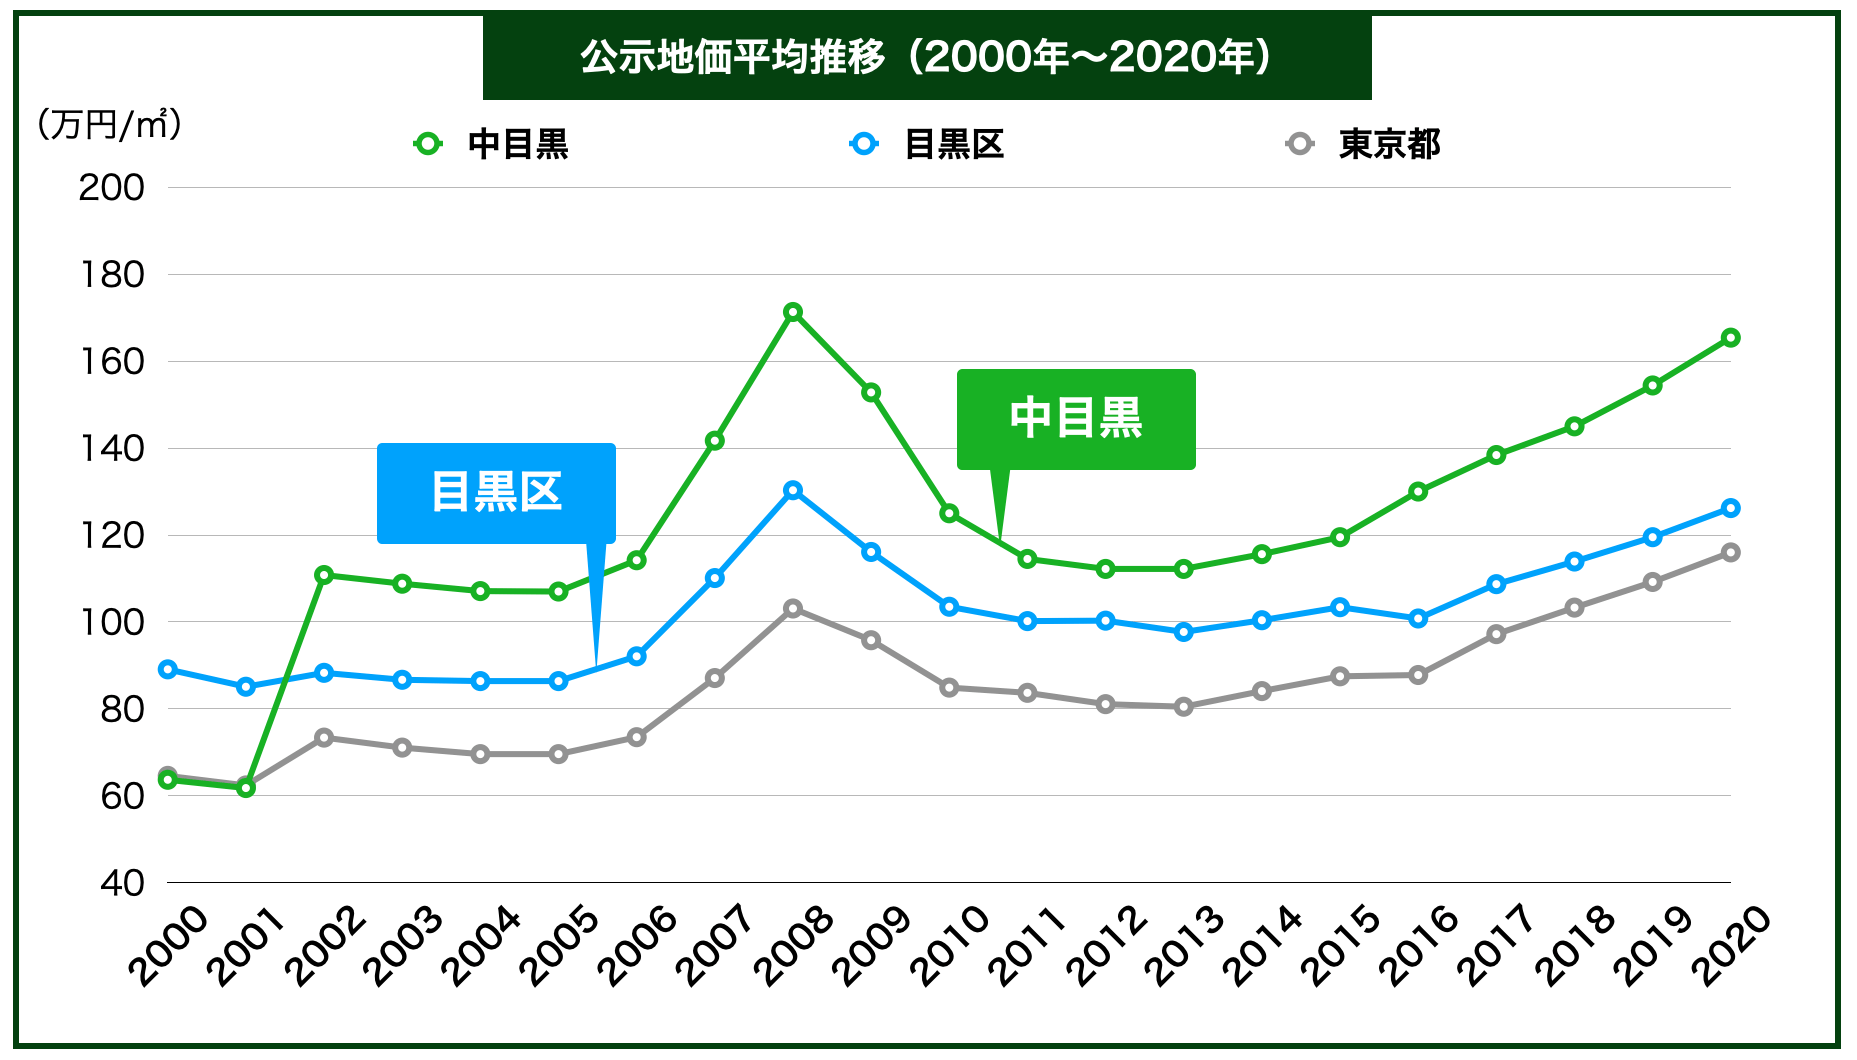 中目黒の公示地価の推移